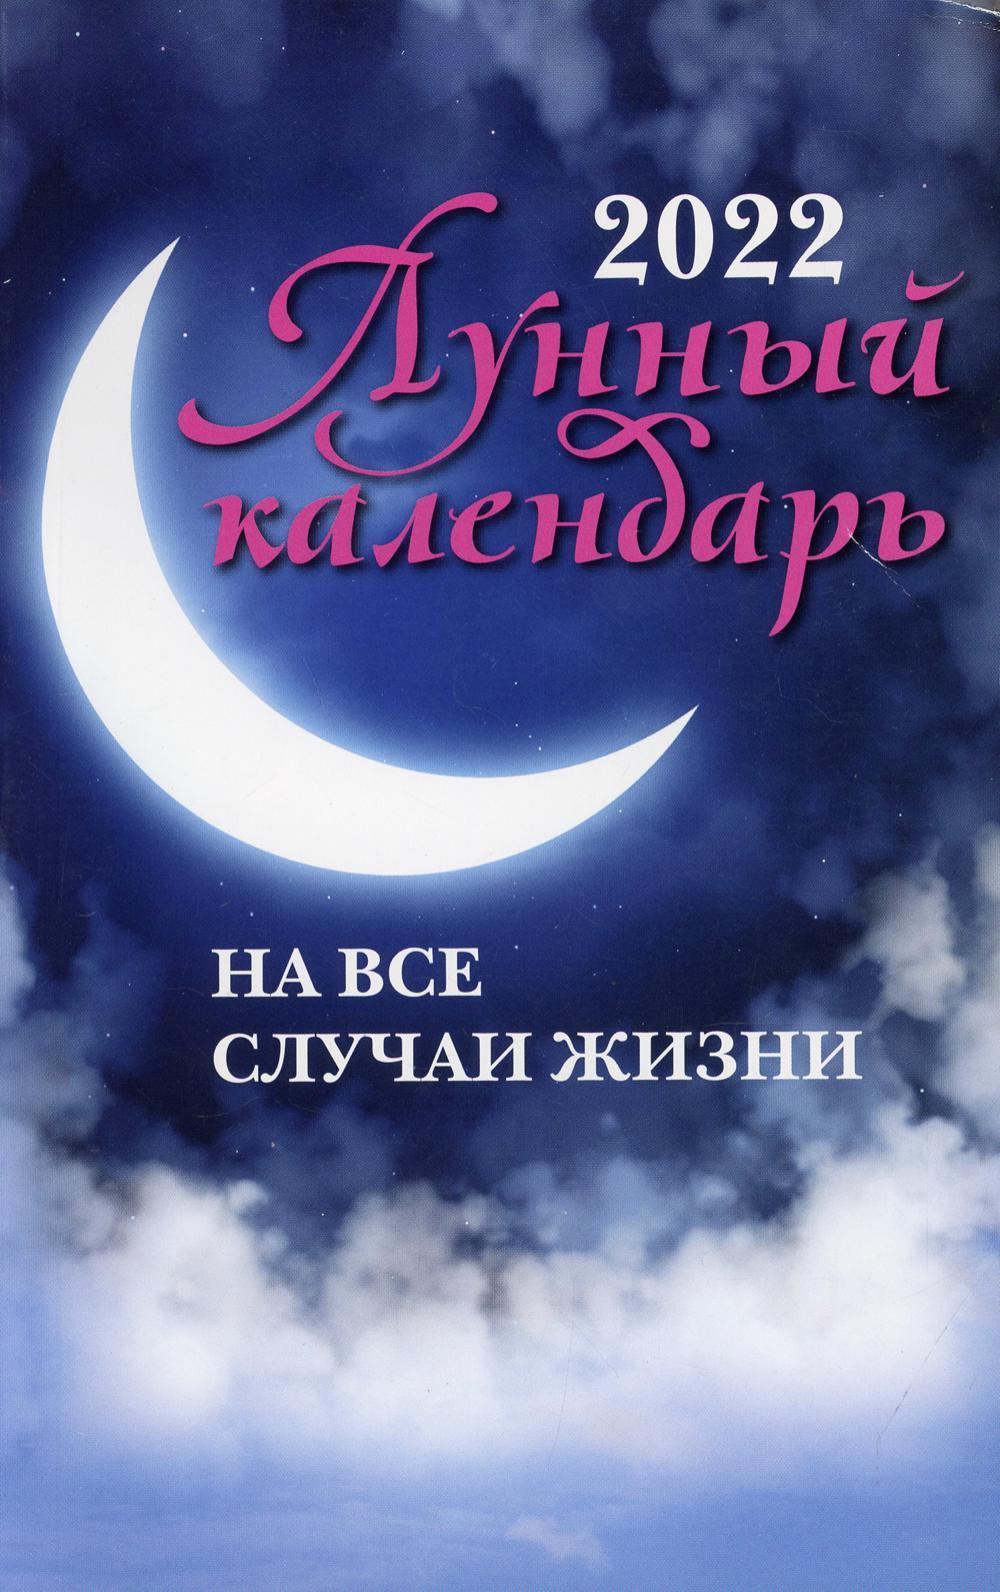 Лунный календарь на все случаи жизни: 2022